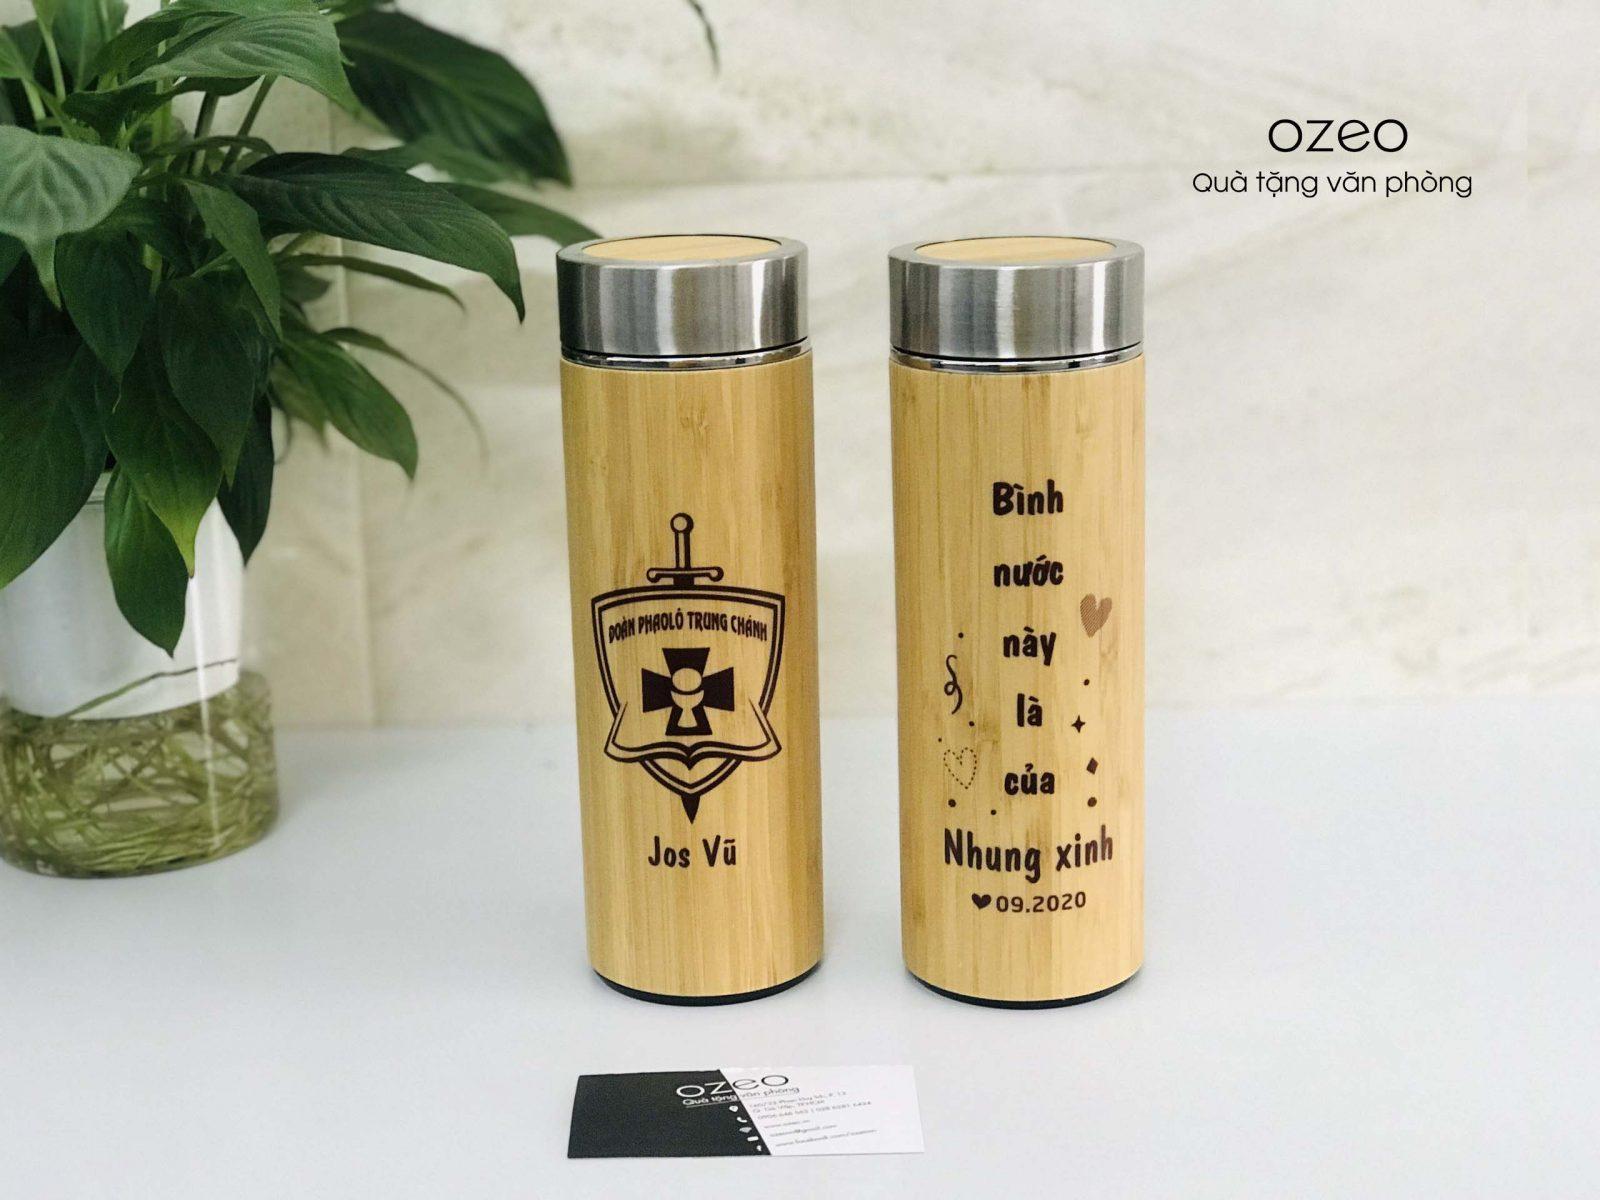 Bình giữ nhiệt có vỏ ngoài được làm từ gỗ tre trúc tự nhiên